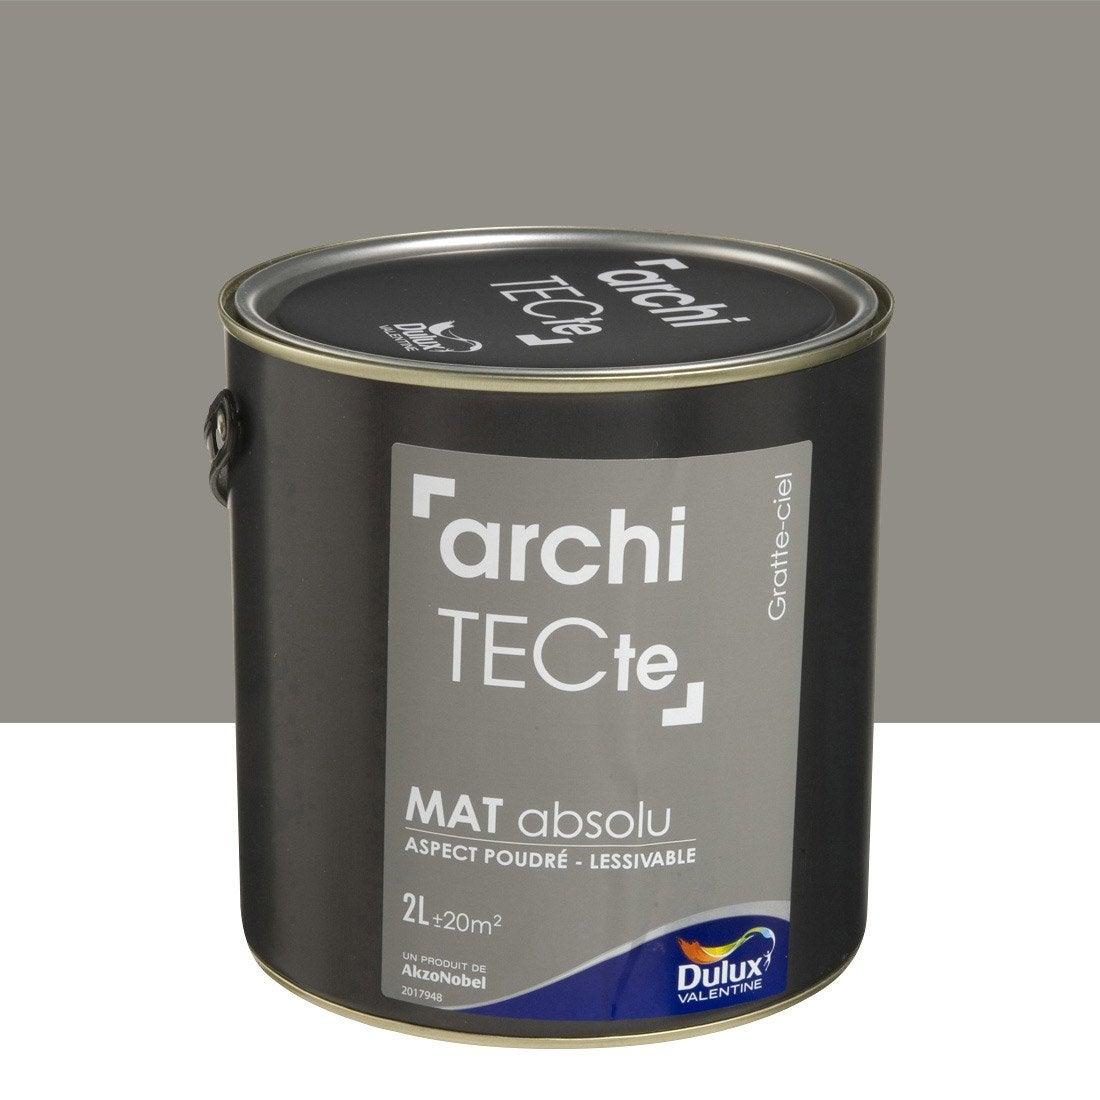 Peinture gris gratte ciel dulux valentine architecte 2 l leroy merlin for Peinture teinte leroy merlin